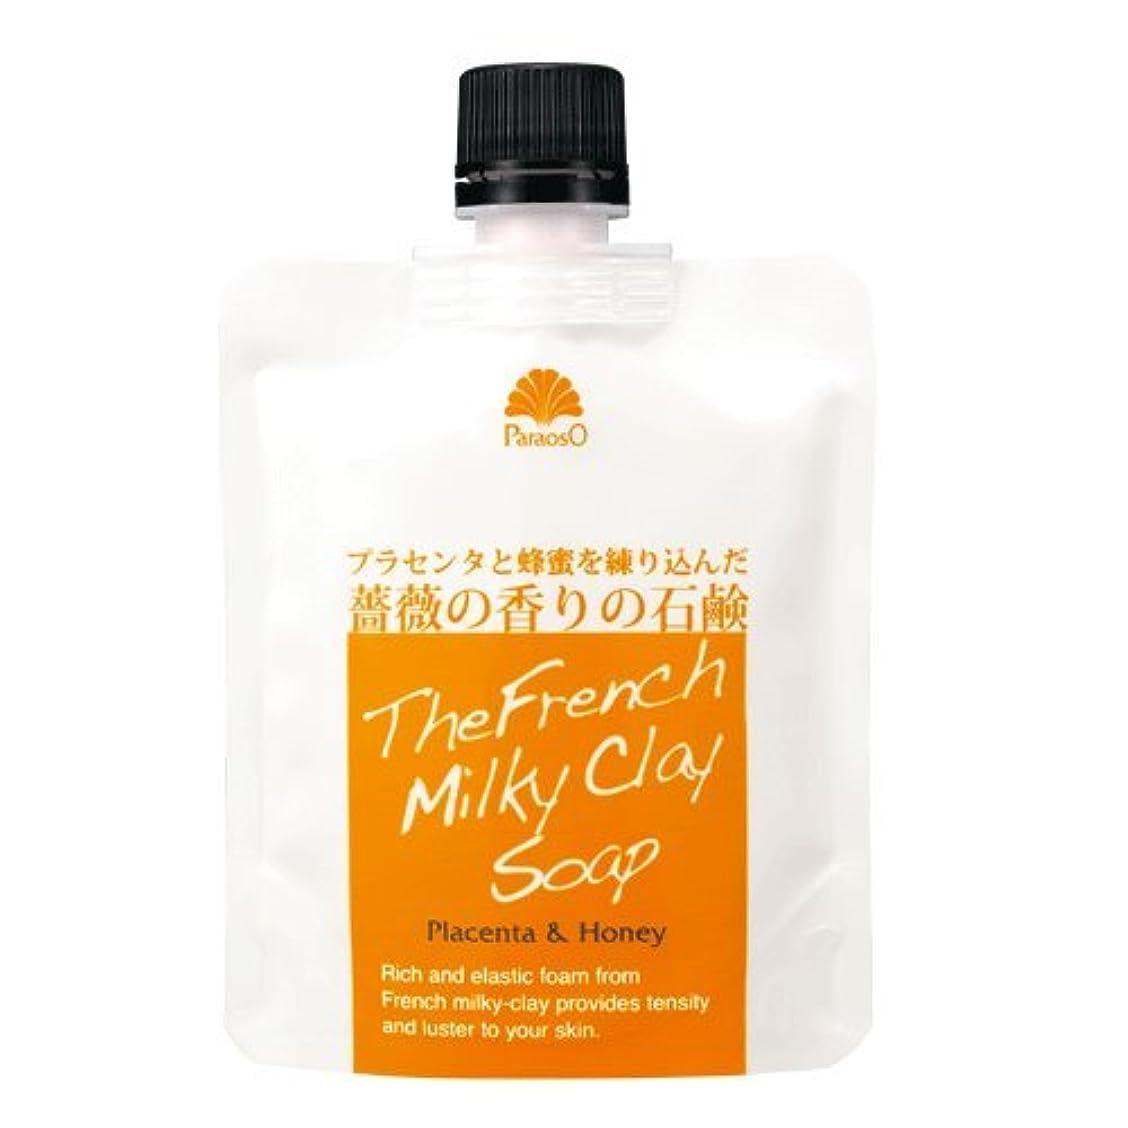 シビックに向かって前者プラセンタと蜂蜜を練り込んだ薔薇の香りの生石鹸 パラオソフレンチクレイソープ 1個